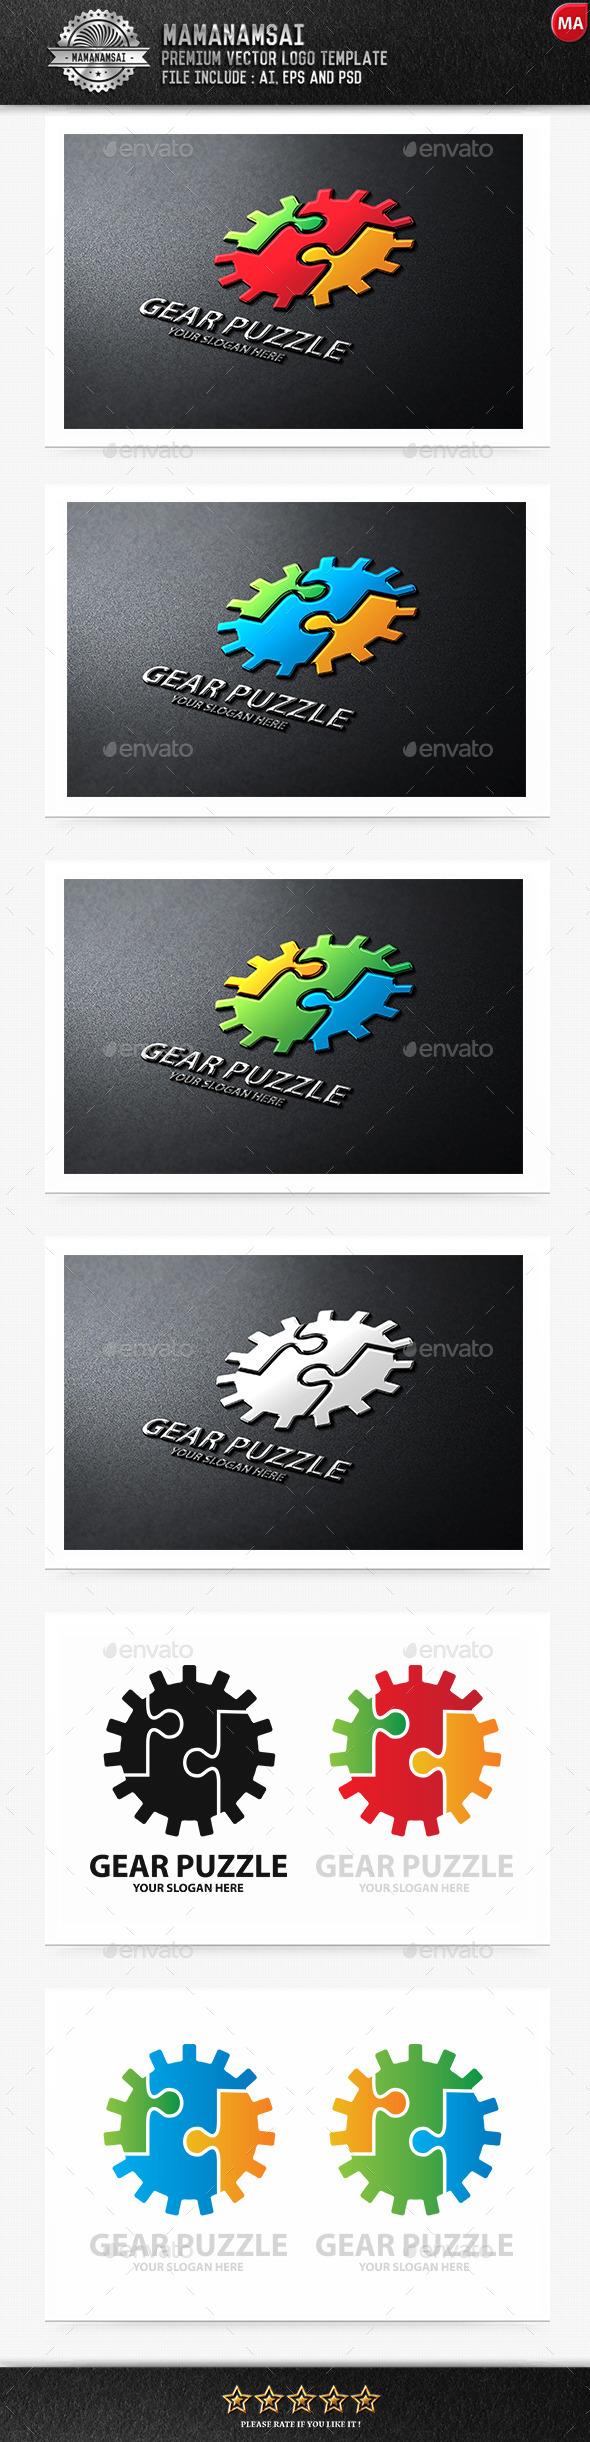 Gear Puzzle Logo - Logo Templates